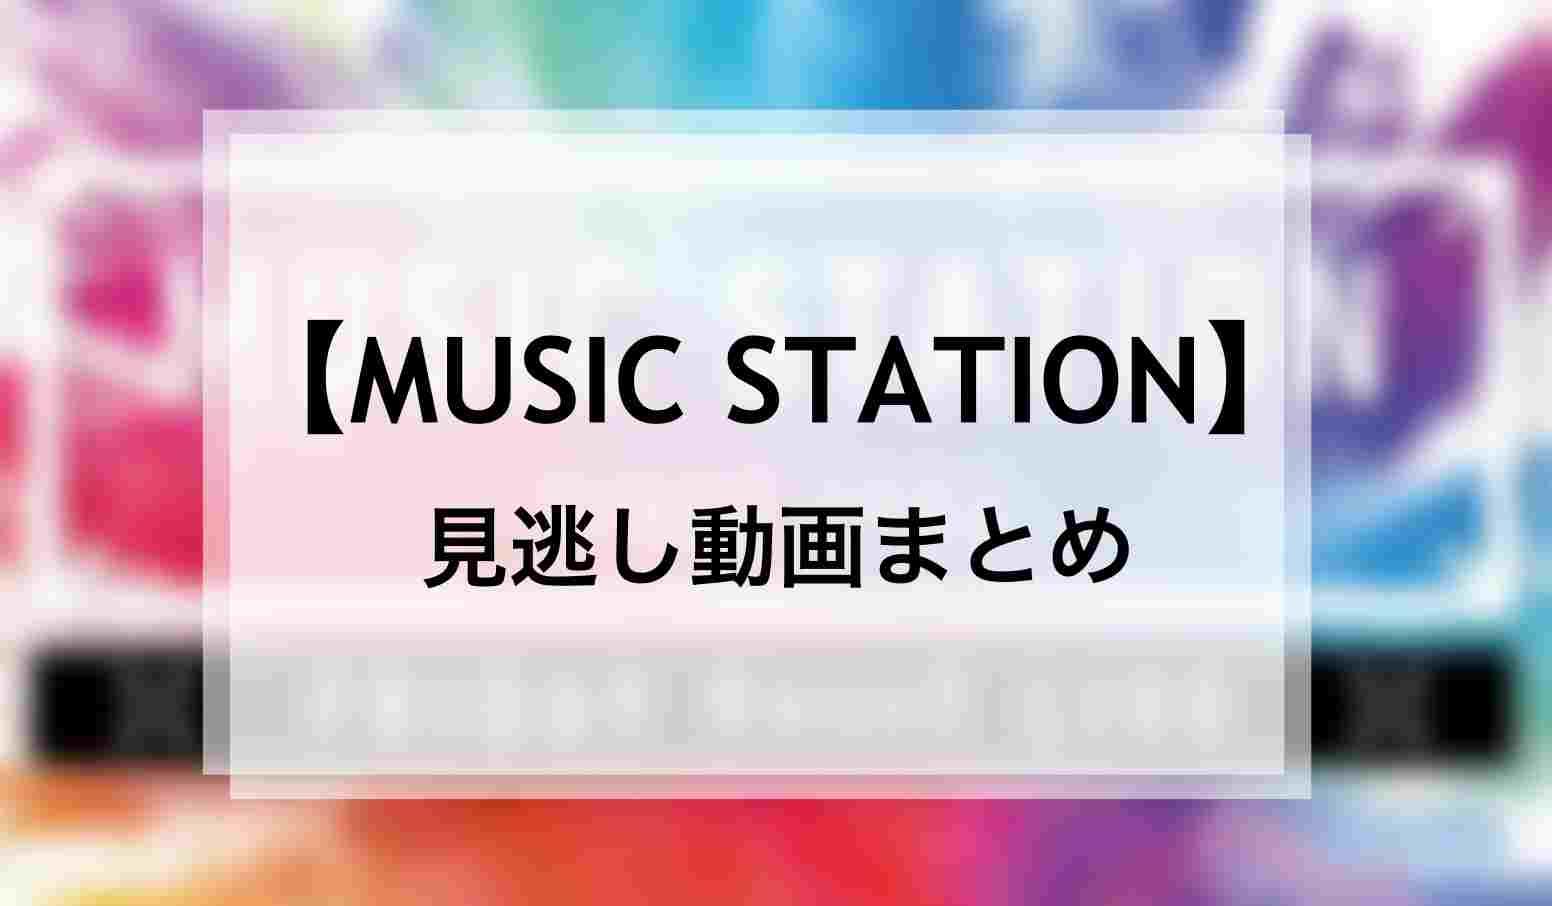 ミュージック ステーション 見逃し